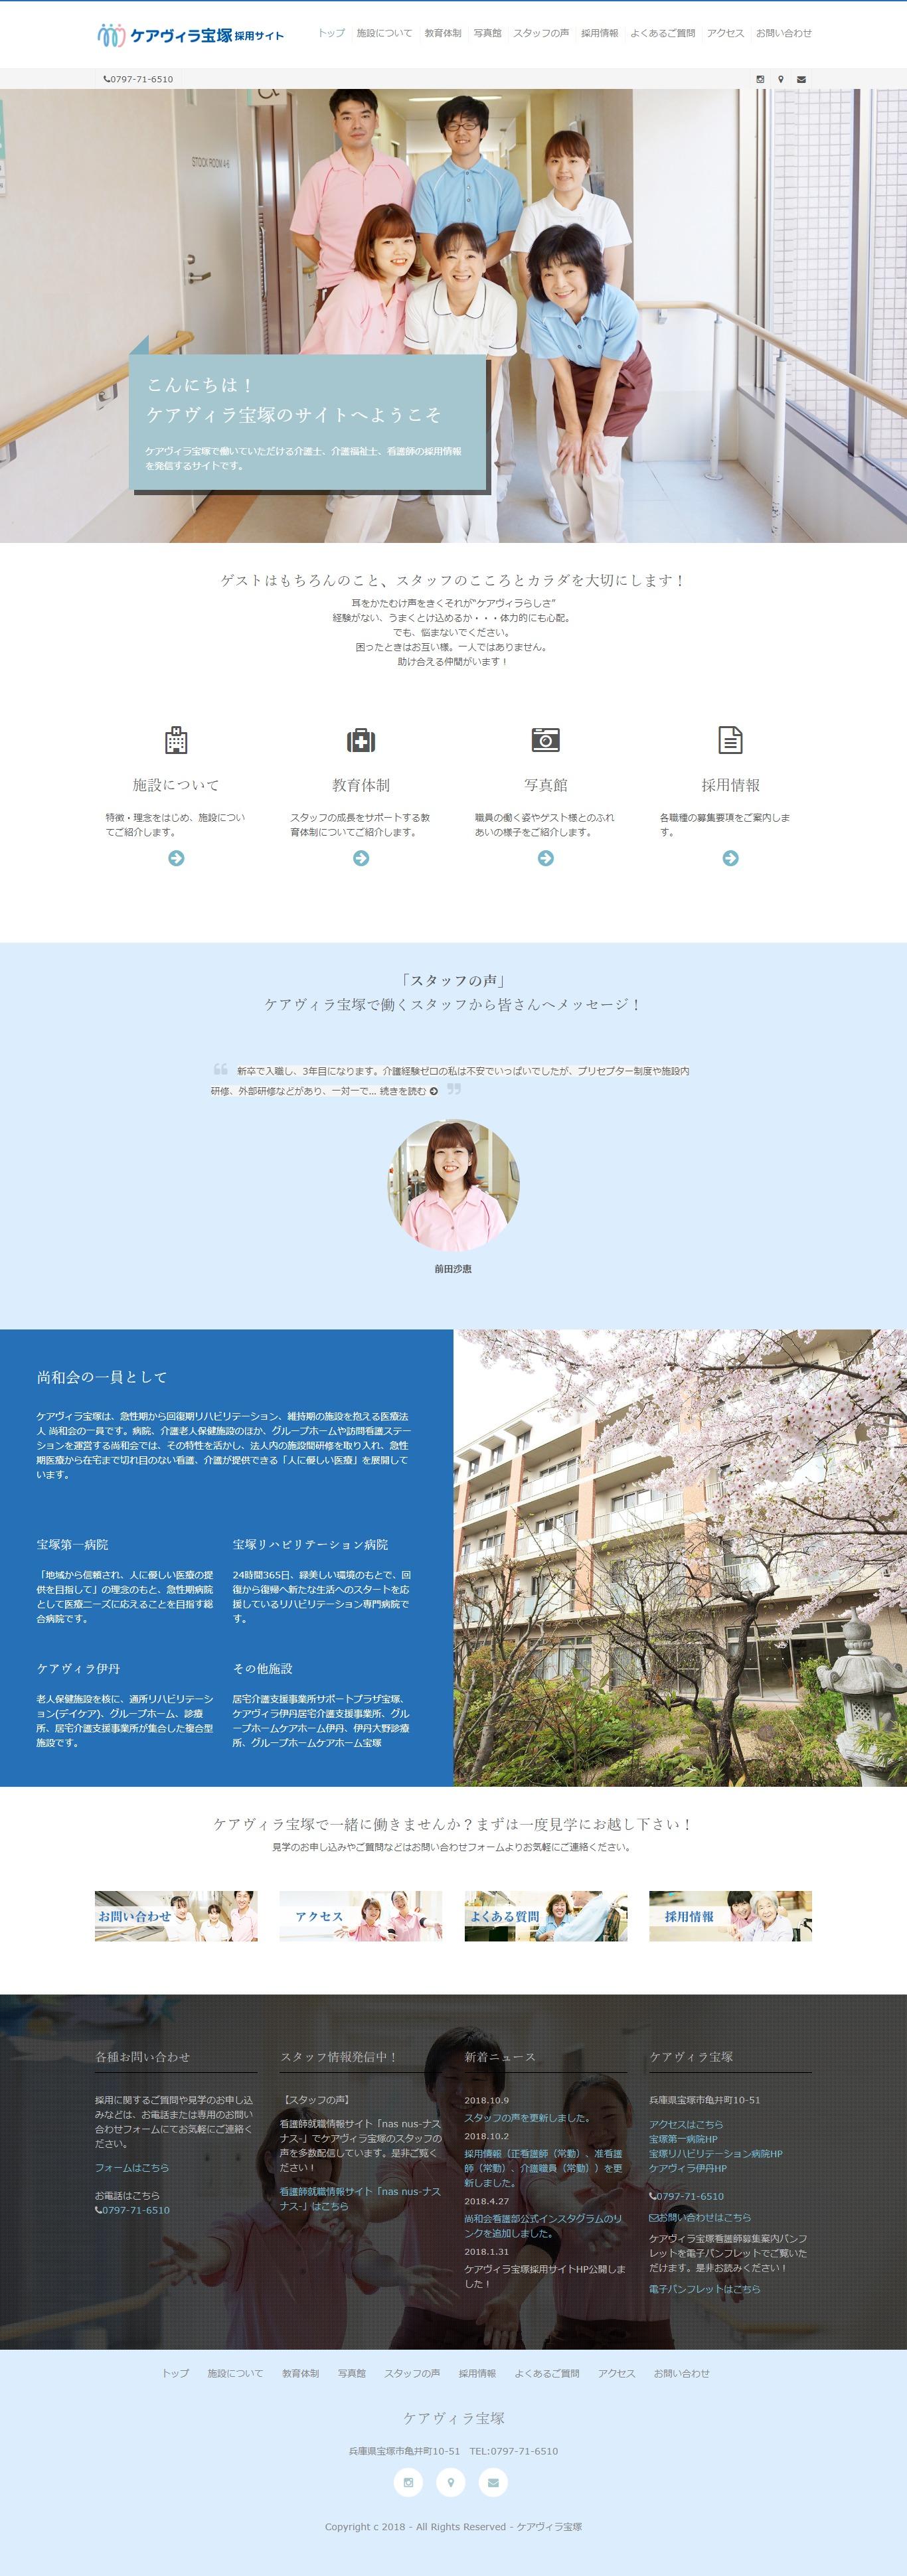 2018年1月作成「ケアヴィラ宝塚」リクルートサイト